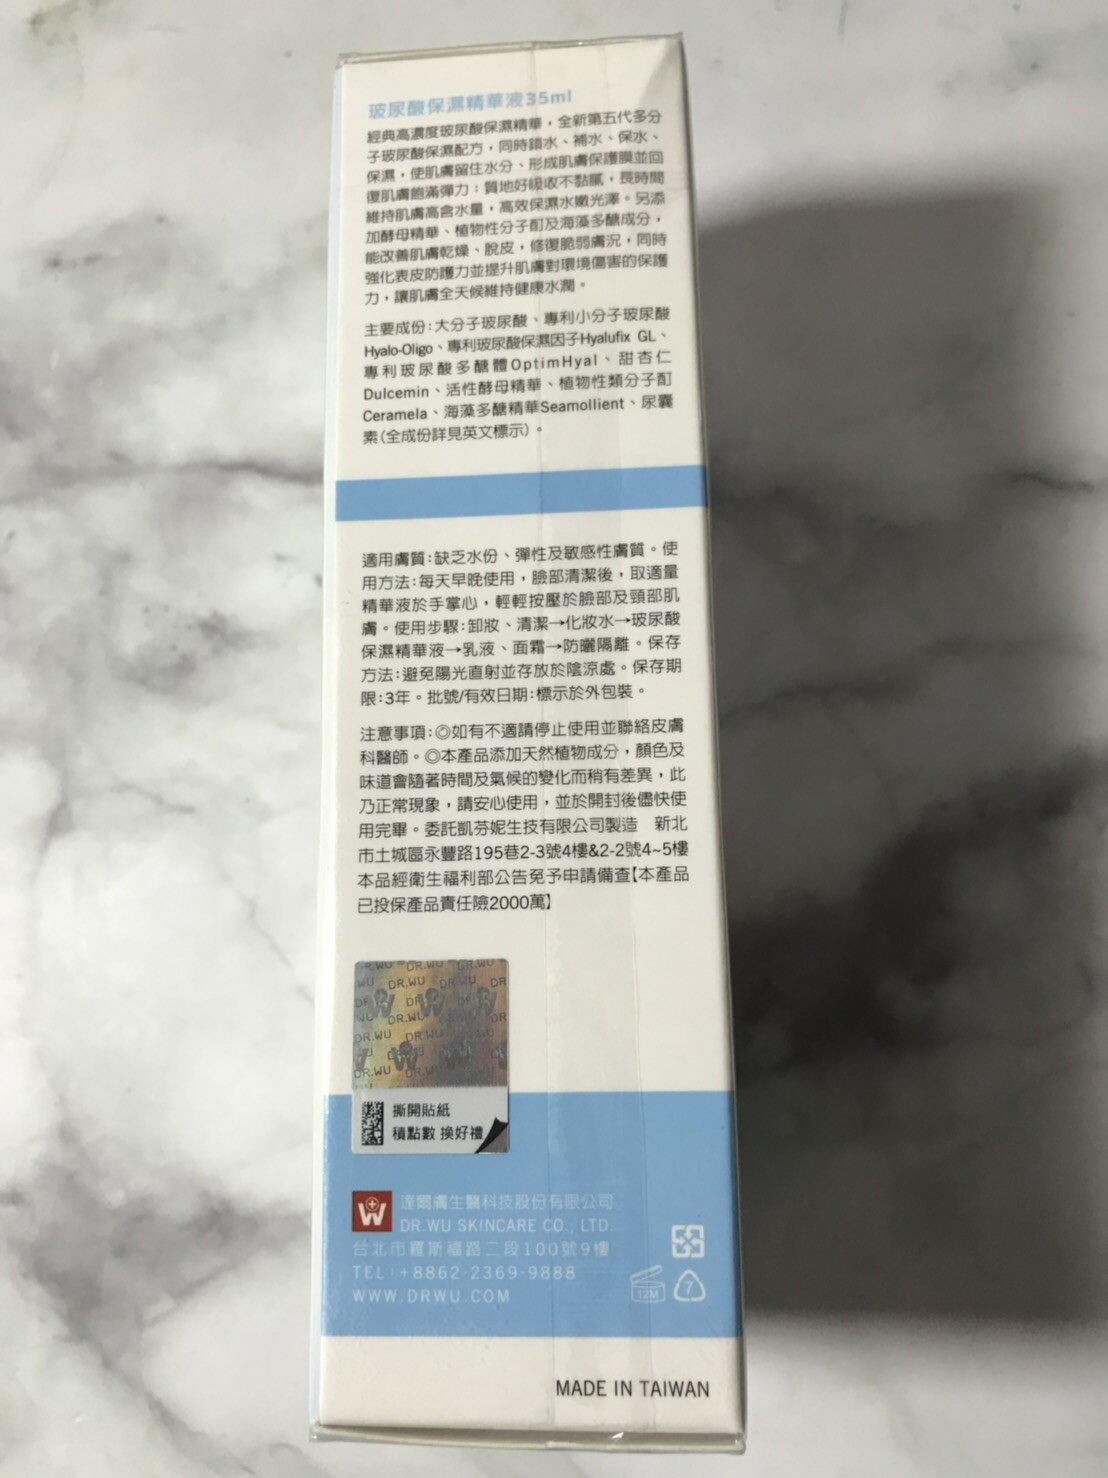 【DR. WU】 最新第五代 玻尿酸保濕精華液 35ML全新封膜/效期2022.11 可集點【淨妍美肌】